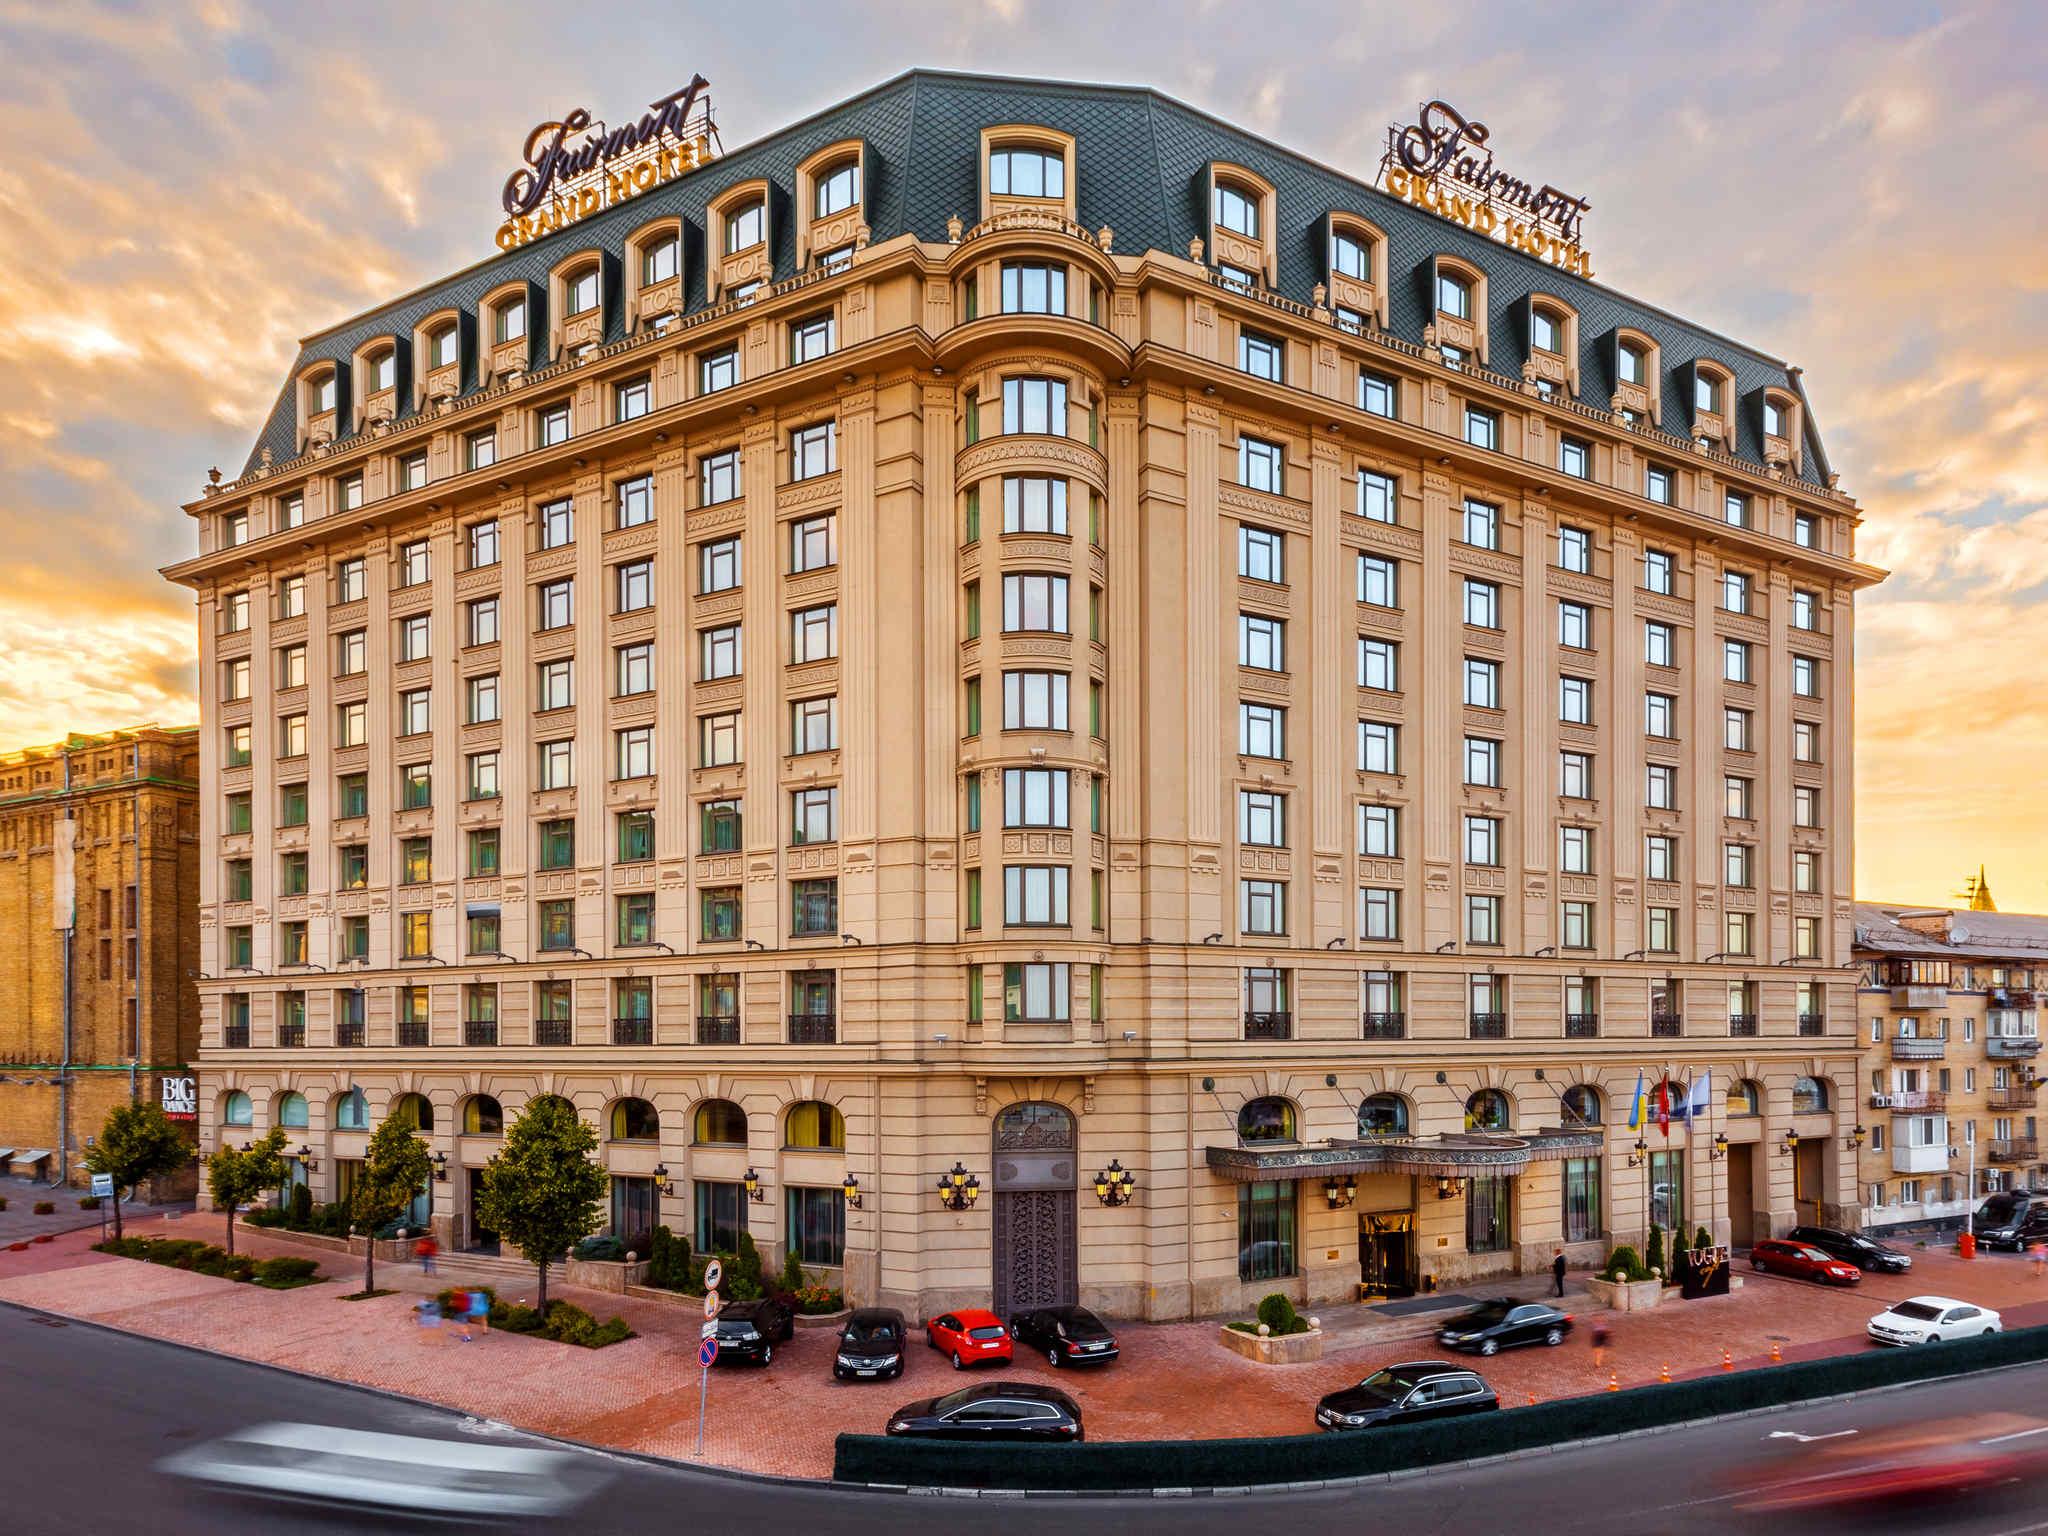 โรงแรม – Fairmont Grand Hotel - Kyiv